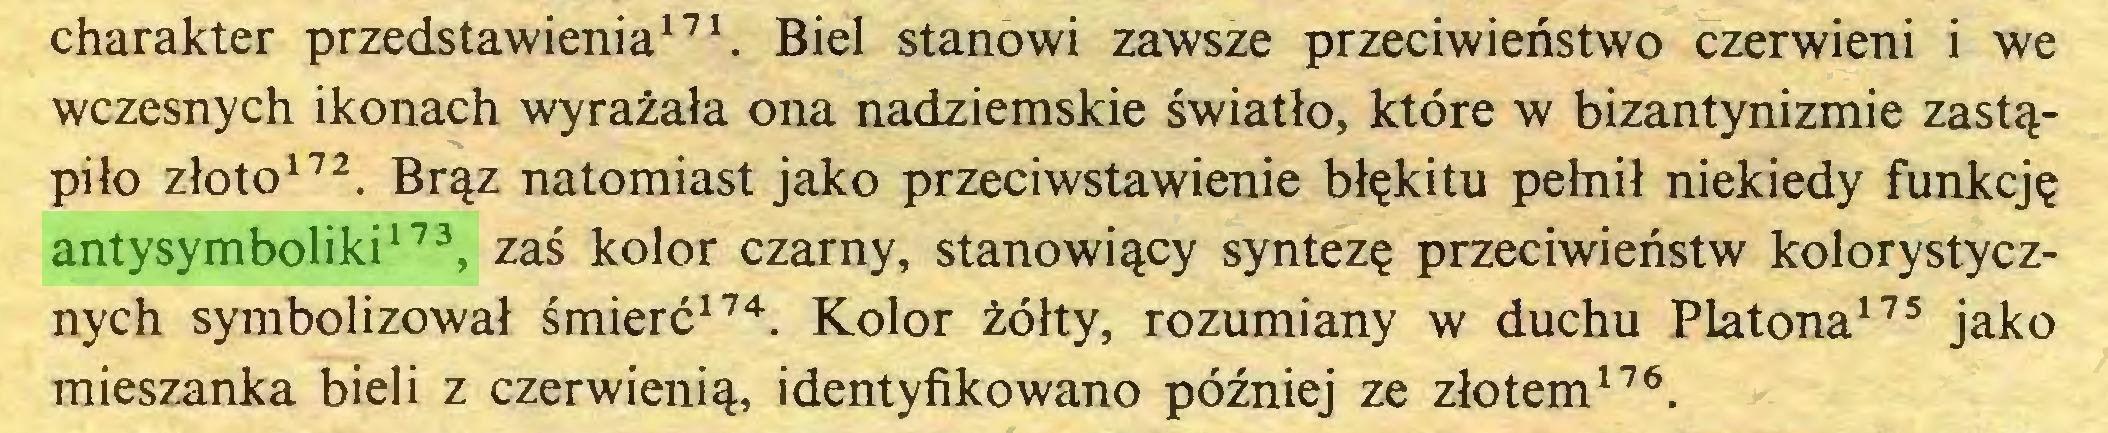 (...) charakter przedstawienia171. Biel stanowi zawsze przeciwieństwo czerwieni i we wczesnych ikonach wyrażała ona nadziemskie światło, które w bizantynizmie zastąpiło złoto172. Brąz natomiast jako przeciwstawienie błękitu pełnił niekiedy funkcję antysymboliki173, zaś kolor czarny, stanowiący syntezę przeciwieństw kolorystycznych symbolizował śmierć174. Kolor żółty, rozumiany w duchu Platona175 jako mieszanka bieli z czerwienią, identyfikowano później ze złotem176...